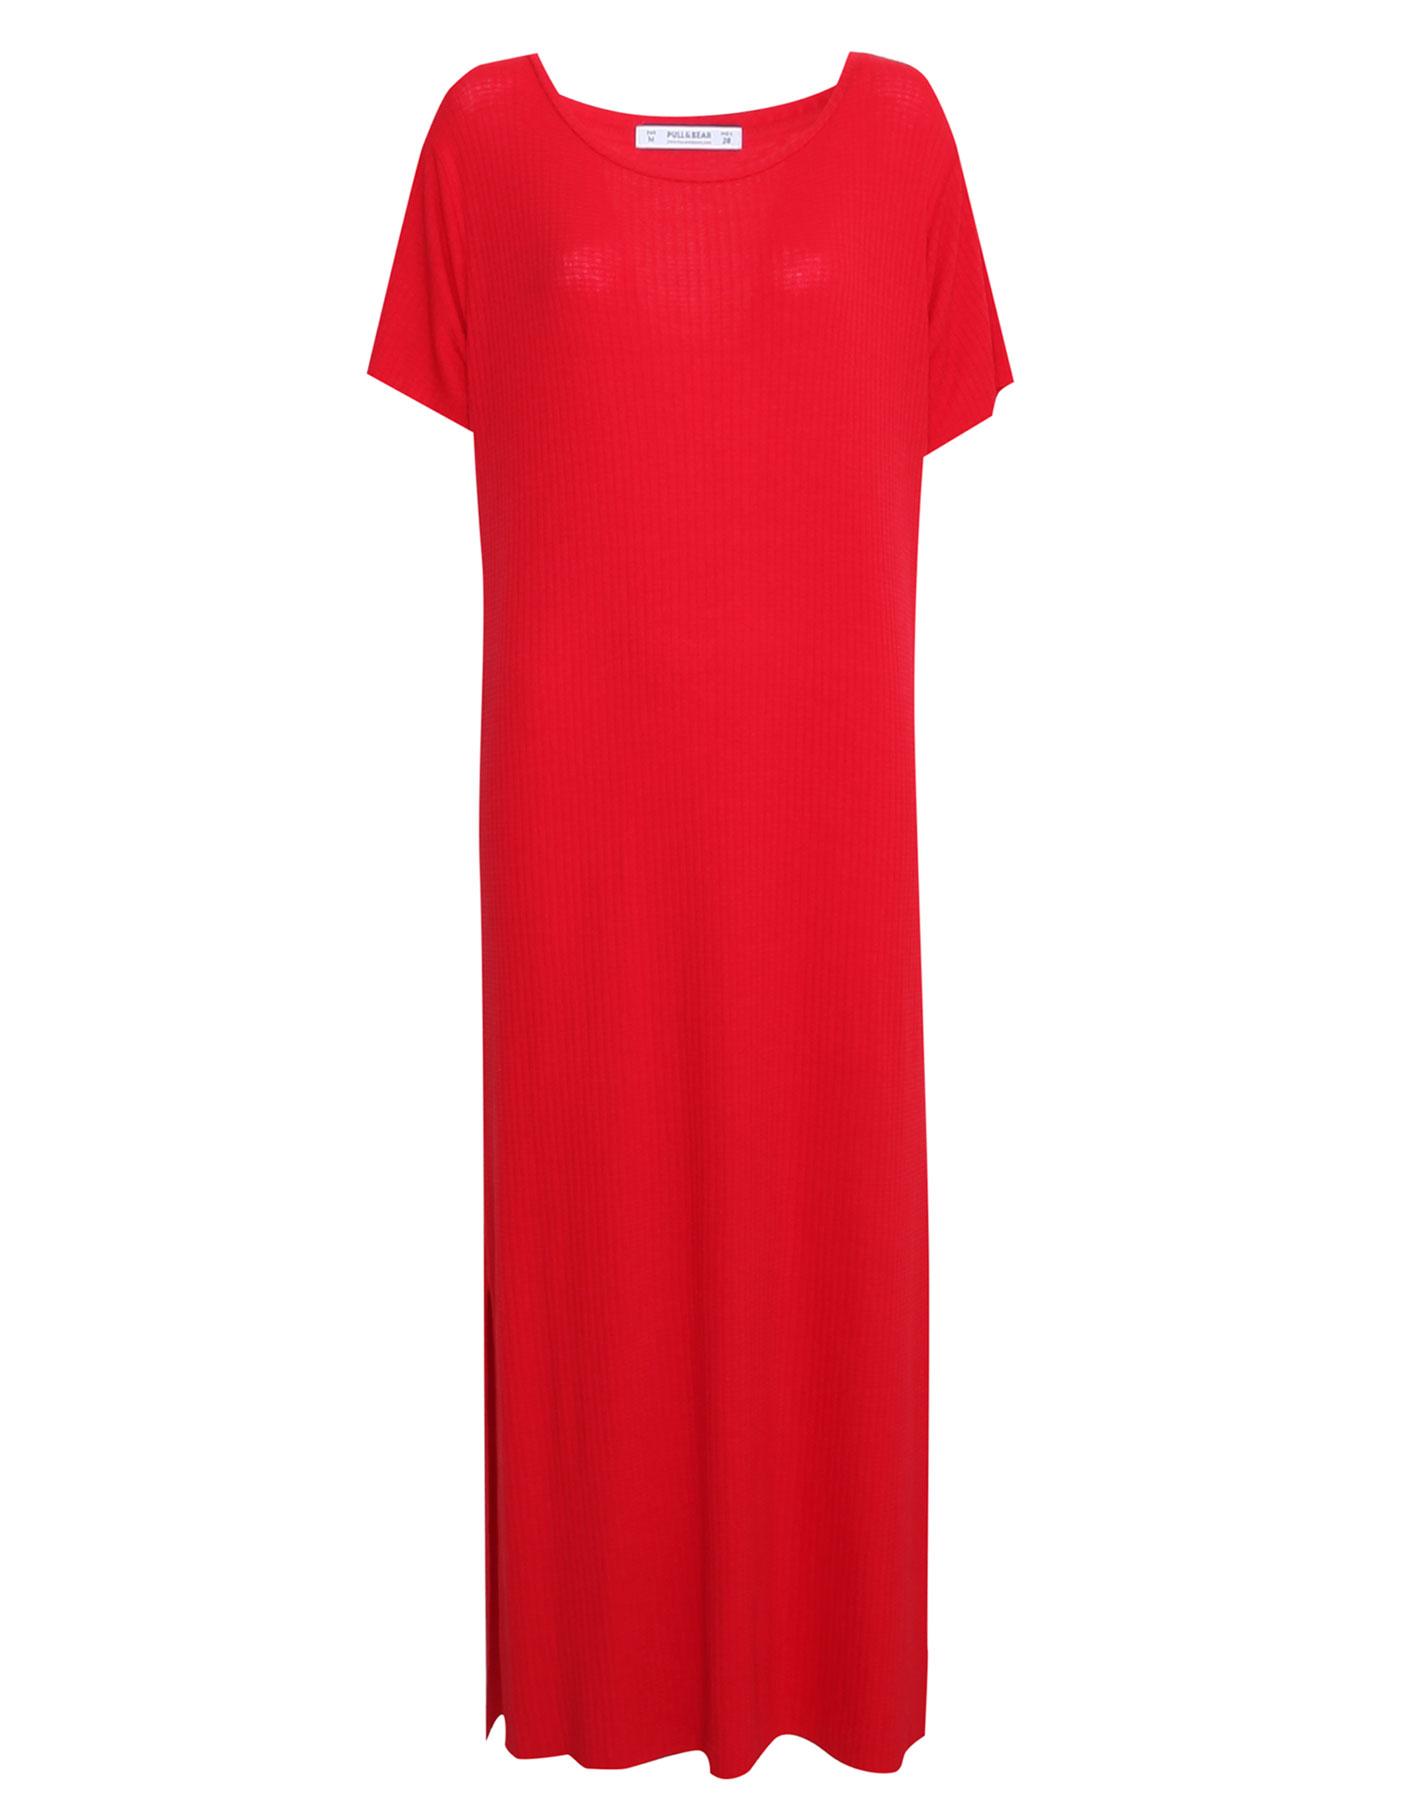 Gładka sukienka z krótkim rękawem Pull & Bear CZERWONY